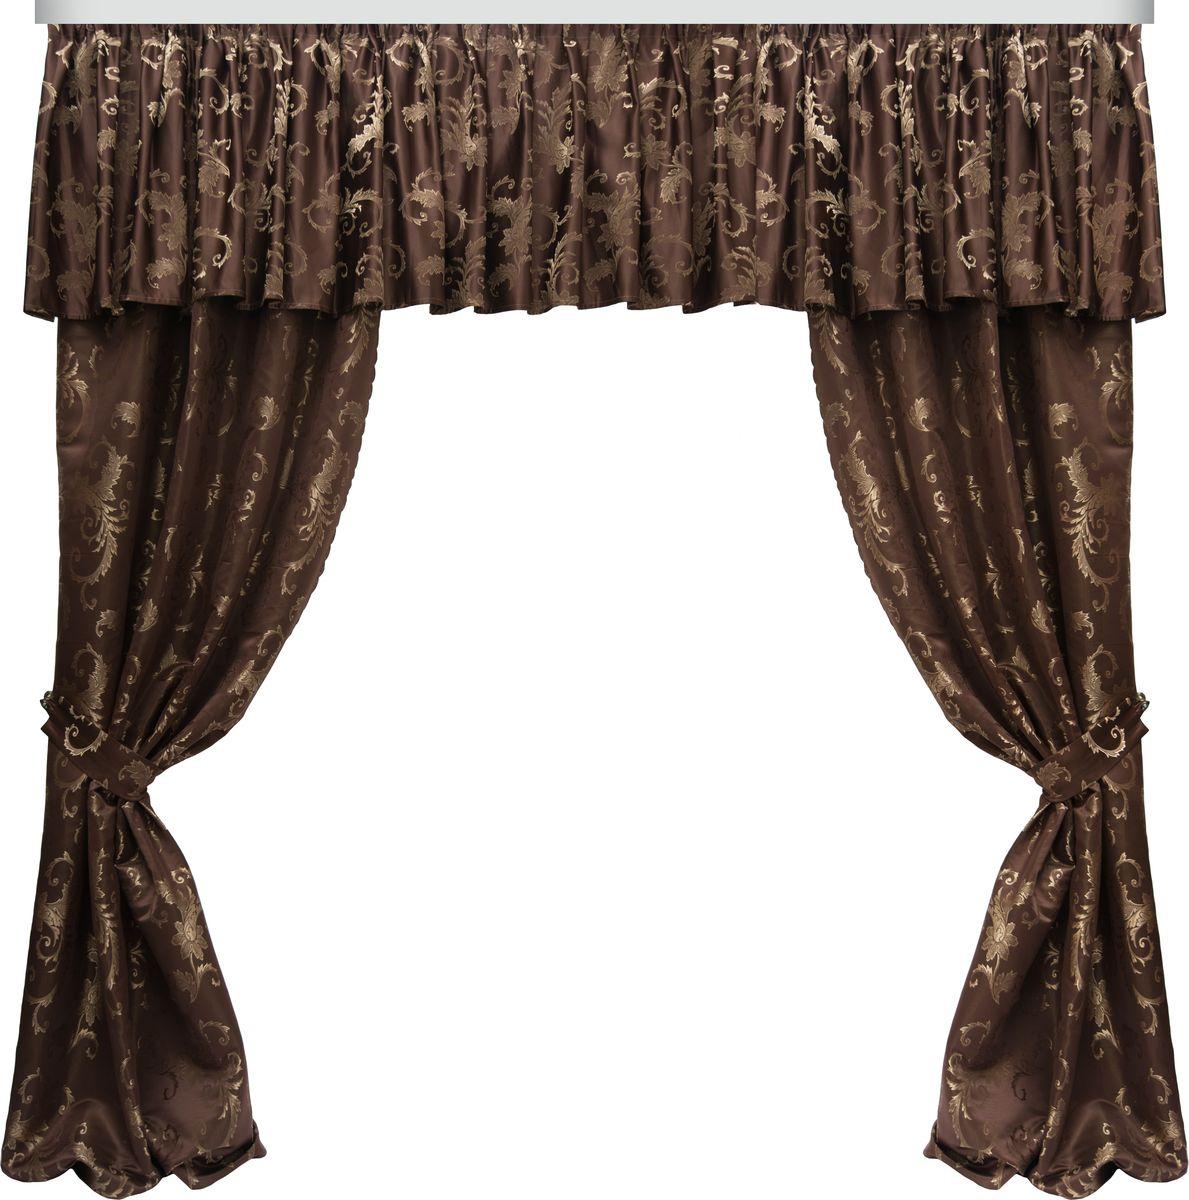 Комплект штор Zlata Korunka, на ленте, цвет: коричневый, высота 270 см. 777071777071Роскошный комплект штор Zlata Korunka, выполненный из 100% полиэстера великолепно украсит любое окно. Комплект состоит из двух штор, ламбрекена и двух подхватов. Сочетание плотной ткани, оригинального орнамента и приятной, приглушенной гаммы привлечет к себе внимание и органично впишется в интерьер помещения. Комплект крепится на карниз при помощи шторной ленты, которая поможет красиво и равномерно задрапировать верх. Шторы можно зафиксировать в одном положении с помощью двух подхватов. Этот комплект будет долгое время радовать вас и вашу семью!